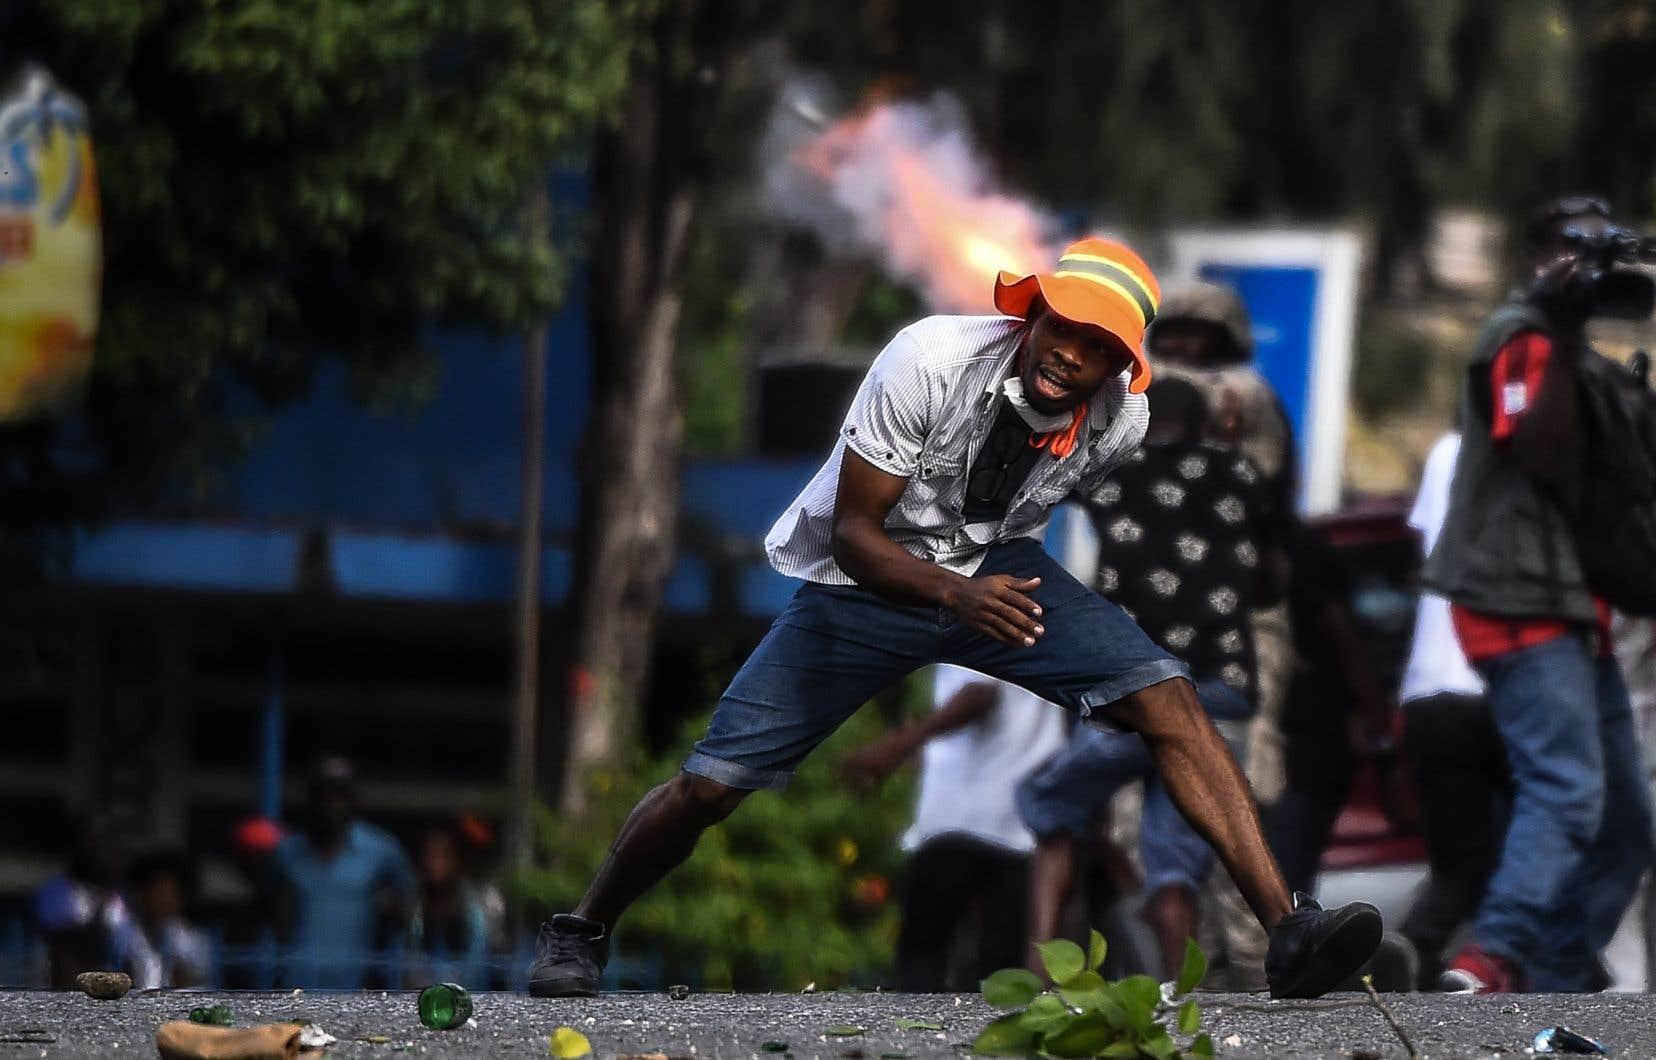 La crise politique, économique et sociale qui secoue Haïti depuis plus d'un an ne semble pas en passe d'être résolue.